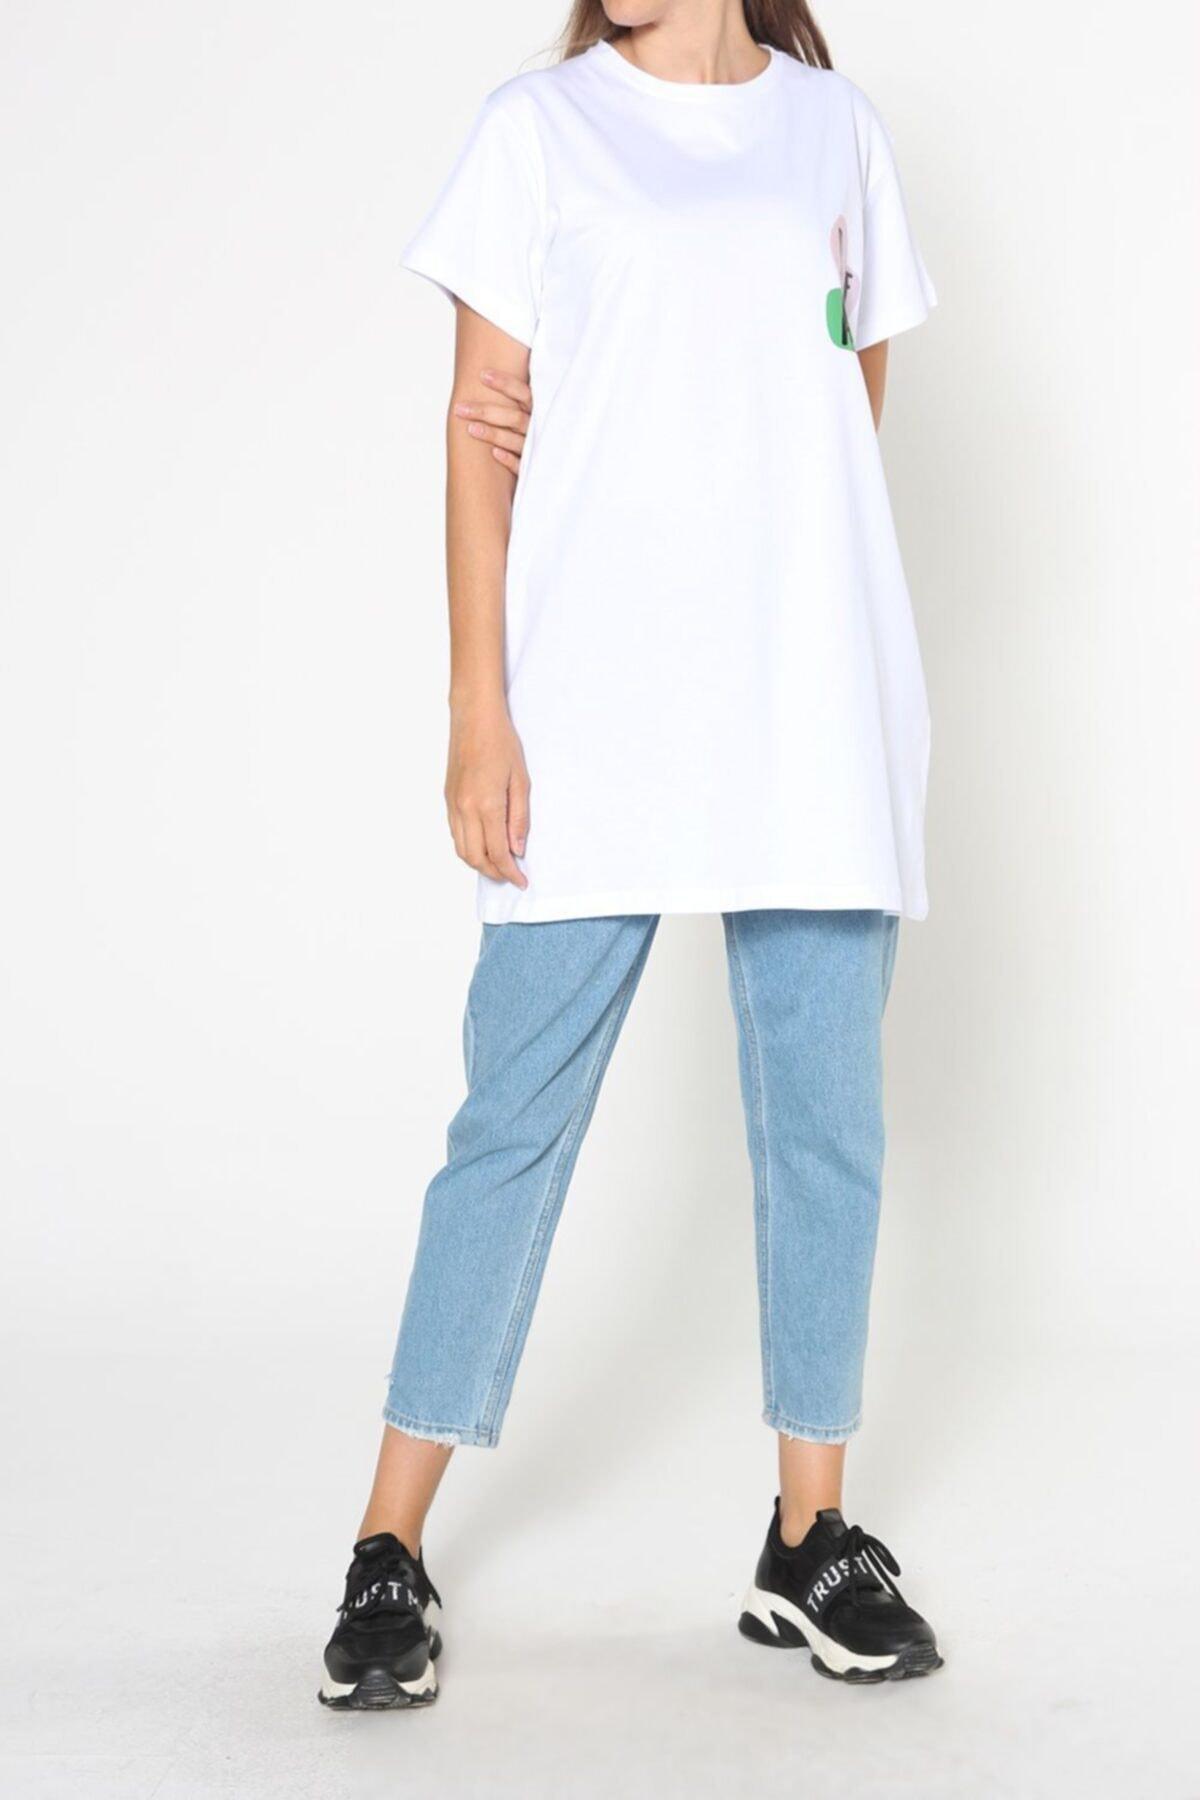 ALLDAY Beyaz Baskılı Kısa Kol T-shirt 2